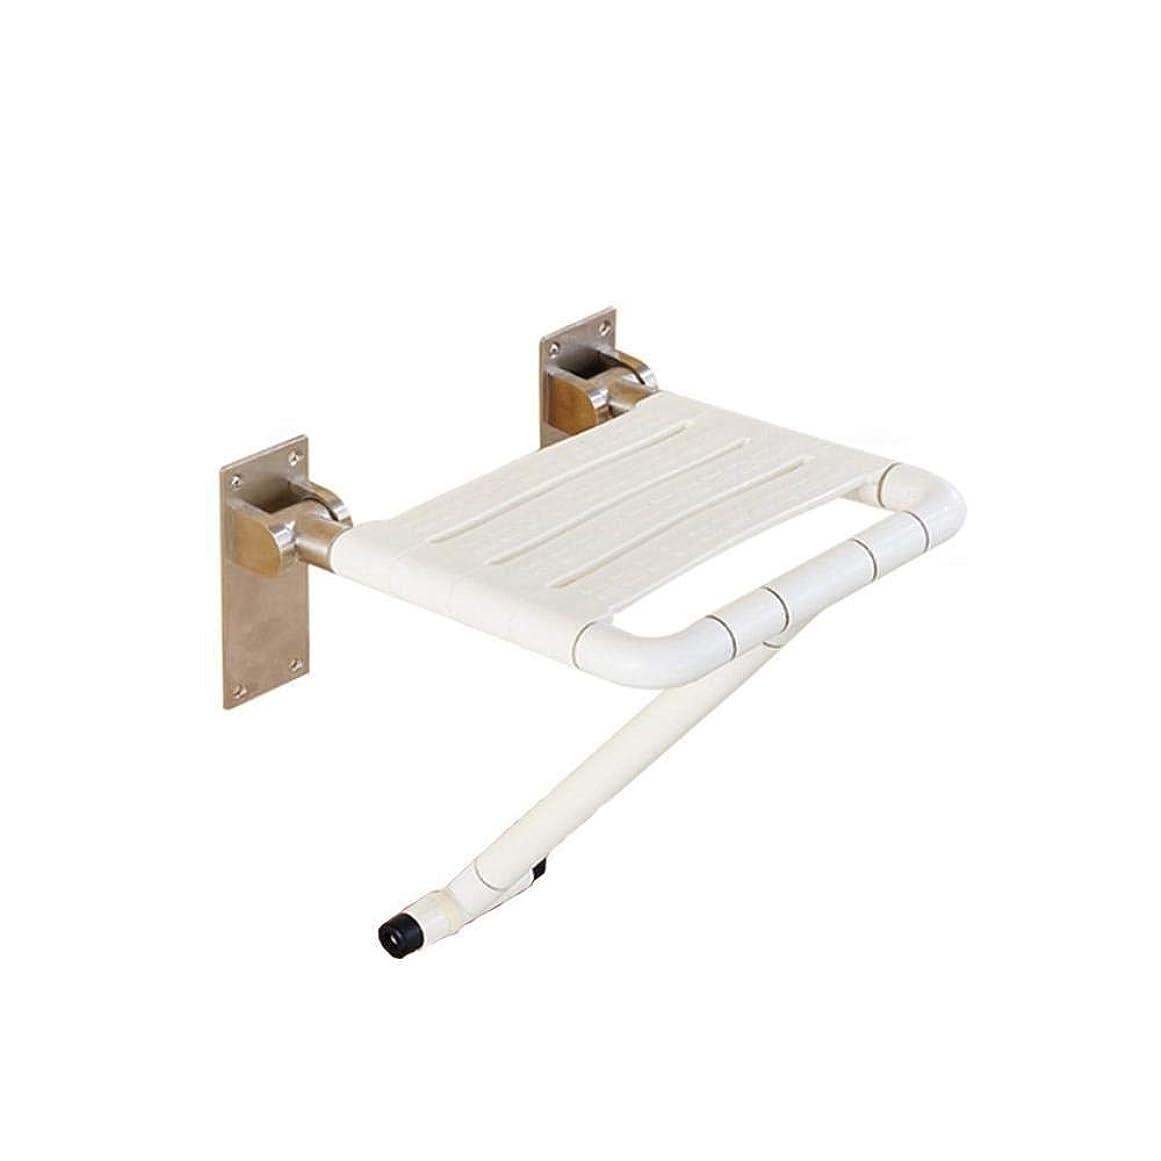 横札入れカレンダー壁に取り付けられた折るシャワーの座席腰掛けの移動性の援助